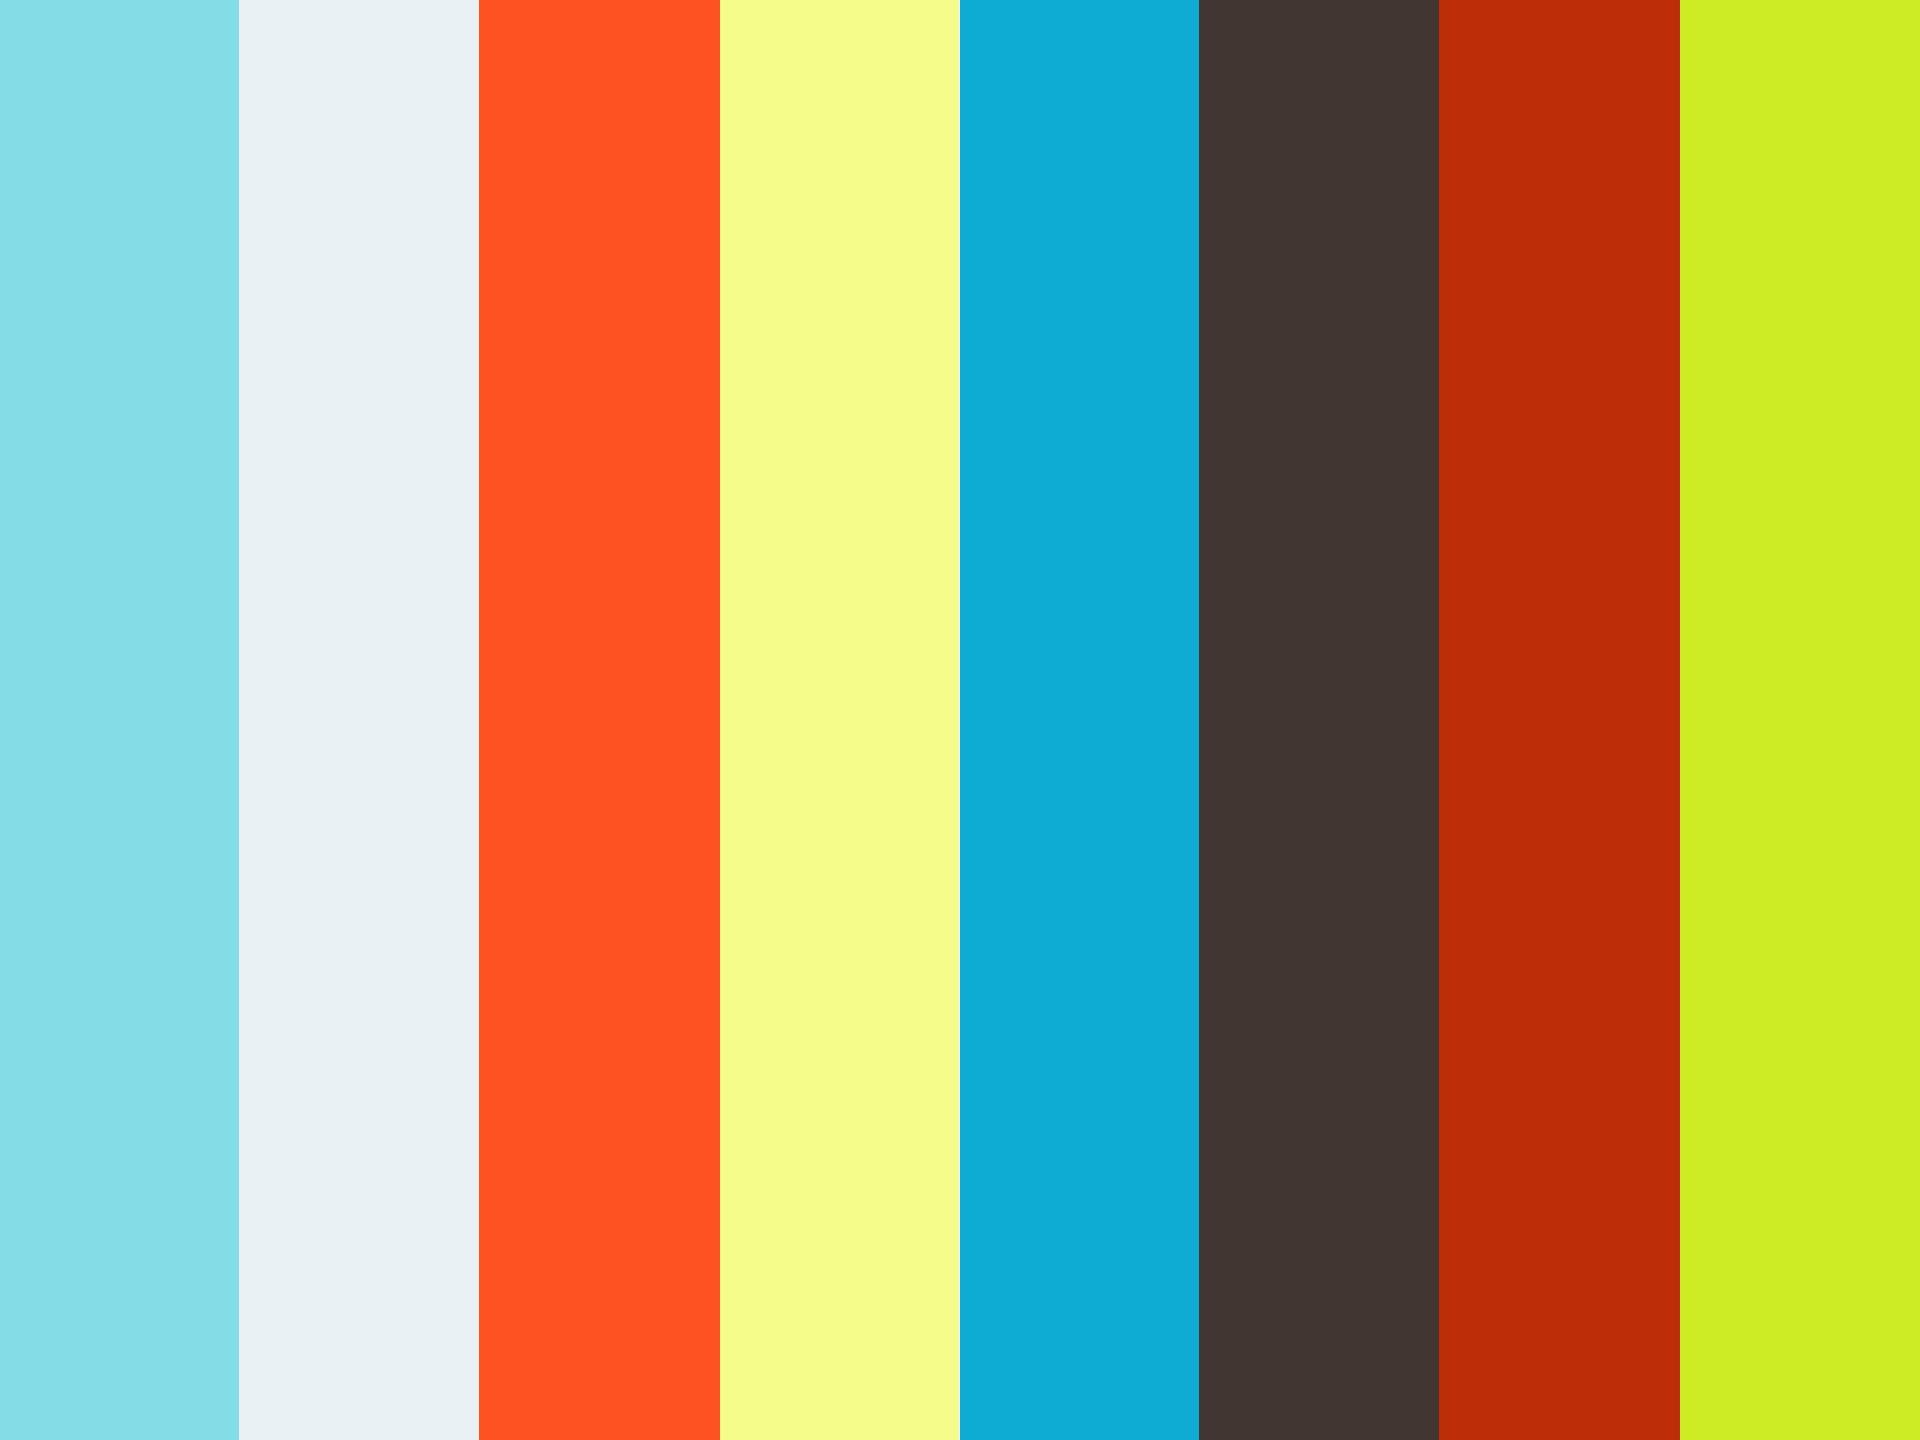 jonathan goldstein actorjonathan goldstein actor, jonathan goldstein drake and josh, jonathan goldstein wiki, jonathan goldstein 2016, jonathan goldstein cyclorama, jonathan goldstein podcast, jonathan goldstein twitter, jonathan goldstein writer, jonathan goldstein guggenheim, jonathan goldstein composer, jonathan goldstein vacation, jonathan goldstein and nancy sullivan, jonathan goldstein cain hoy, jonathan goldstein net worth, jonathan goldstein md, jonathan goldstein superman, jonathan goldstein heidrick, jonathan goldstein this american life, jonathan goldstein national post, jonathan goldstein npr